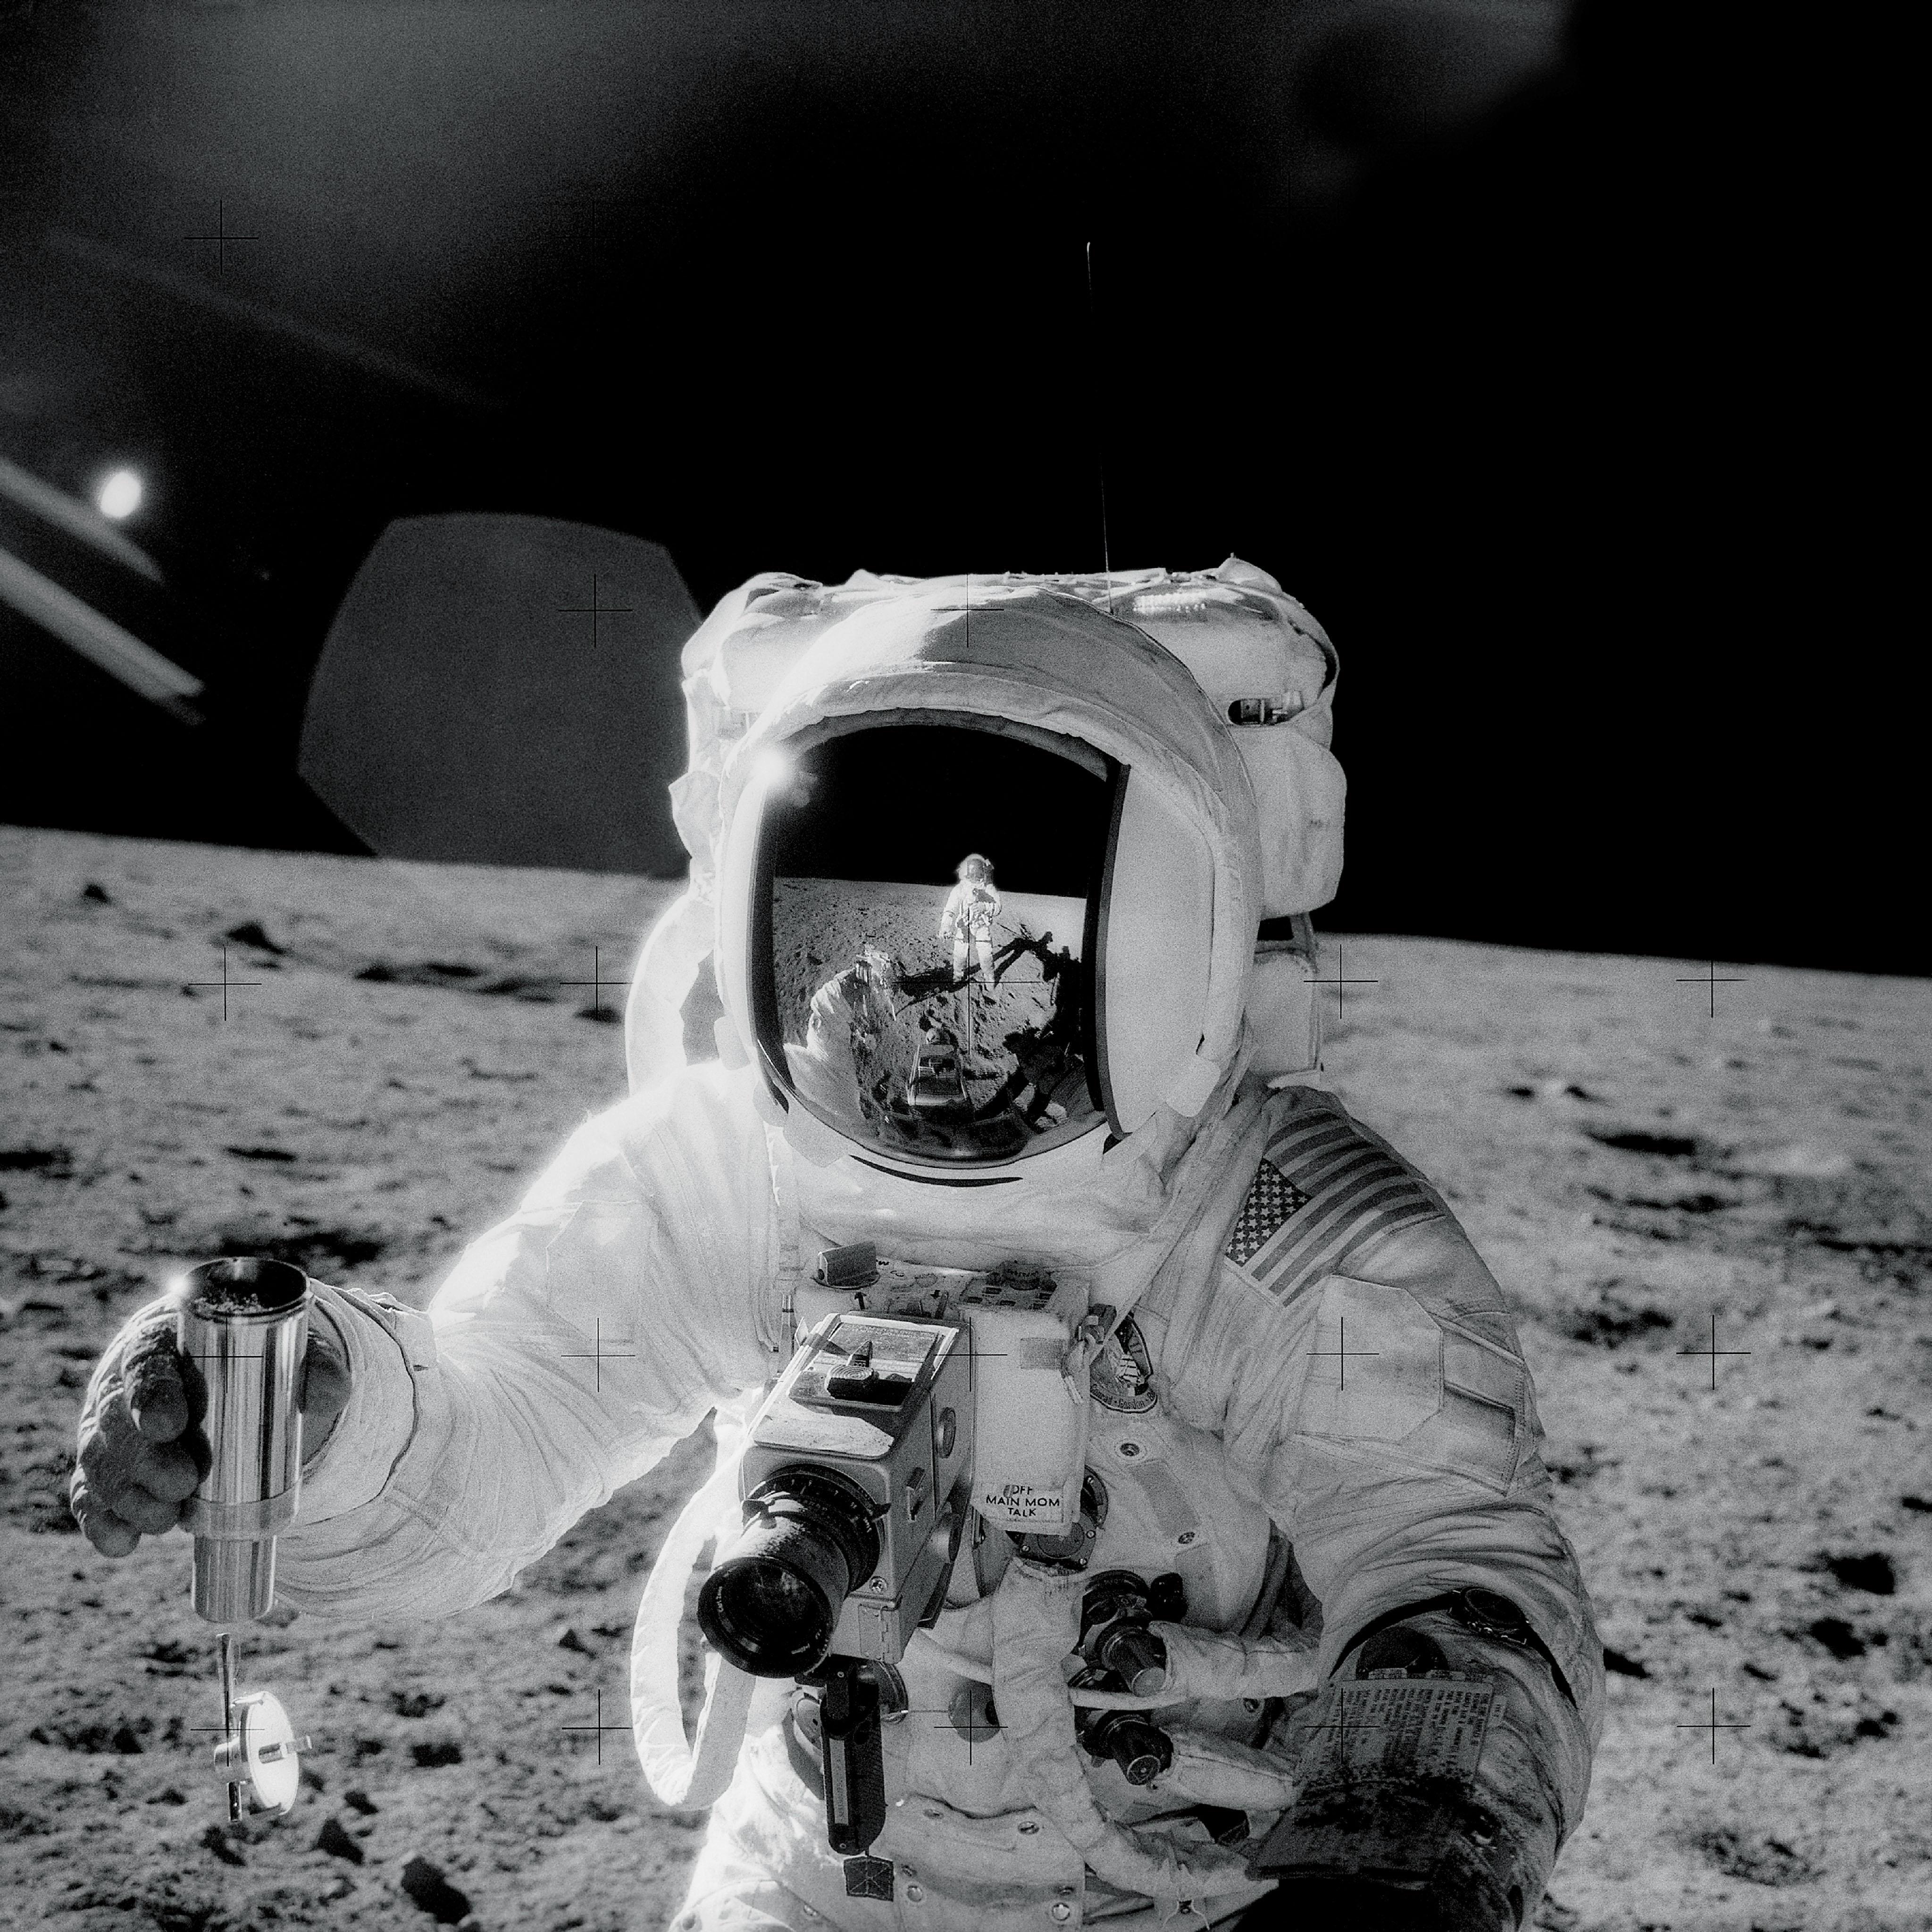 Bevor die Astronauten der Apollo 11 Mission den Mond